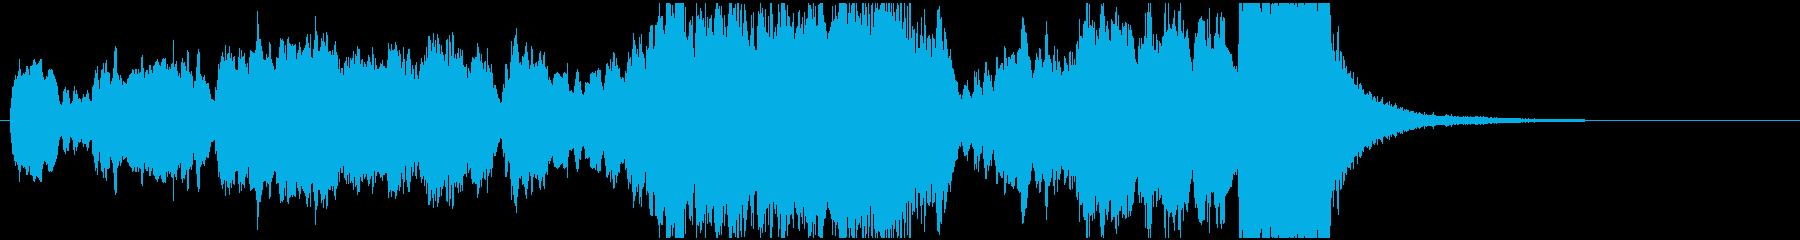 パワフルで生々しいブラスファンファーレの再生済みの波形